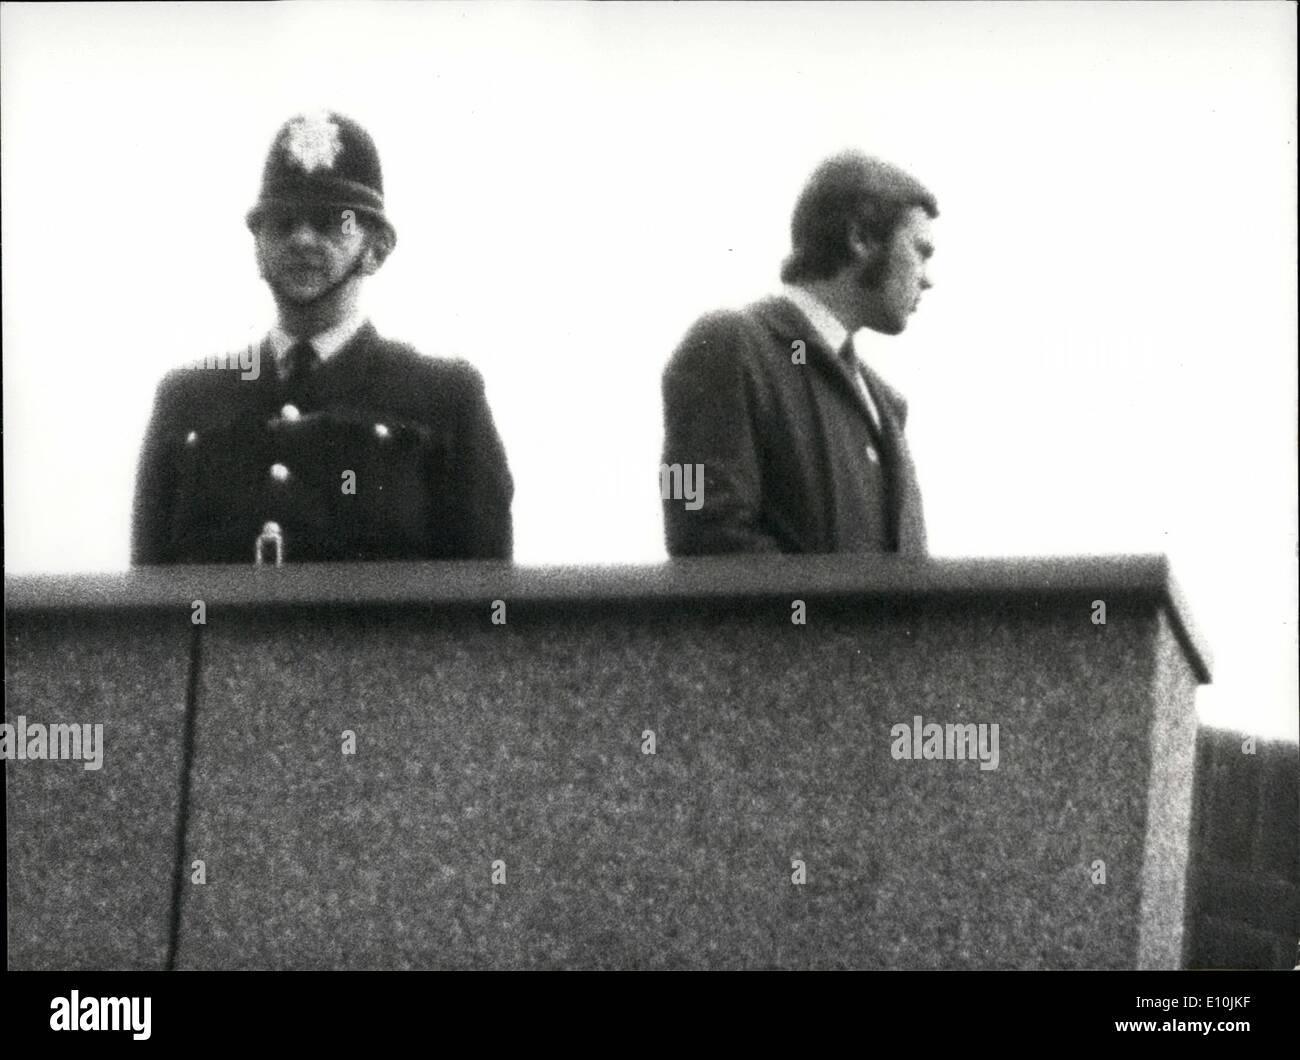 a76b371ef5da Mar. 03, 1973 - Précautions à Bow Street   Cour de sécurité normales ont